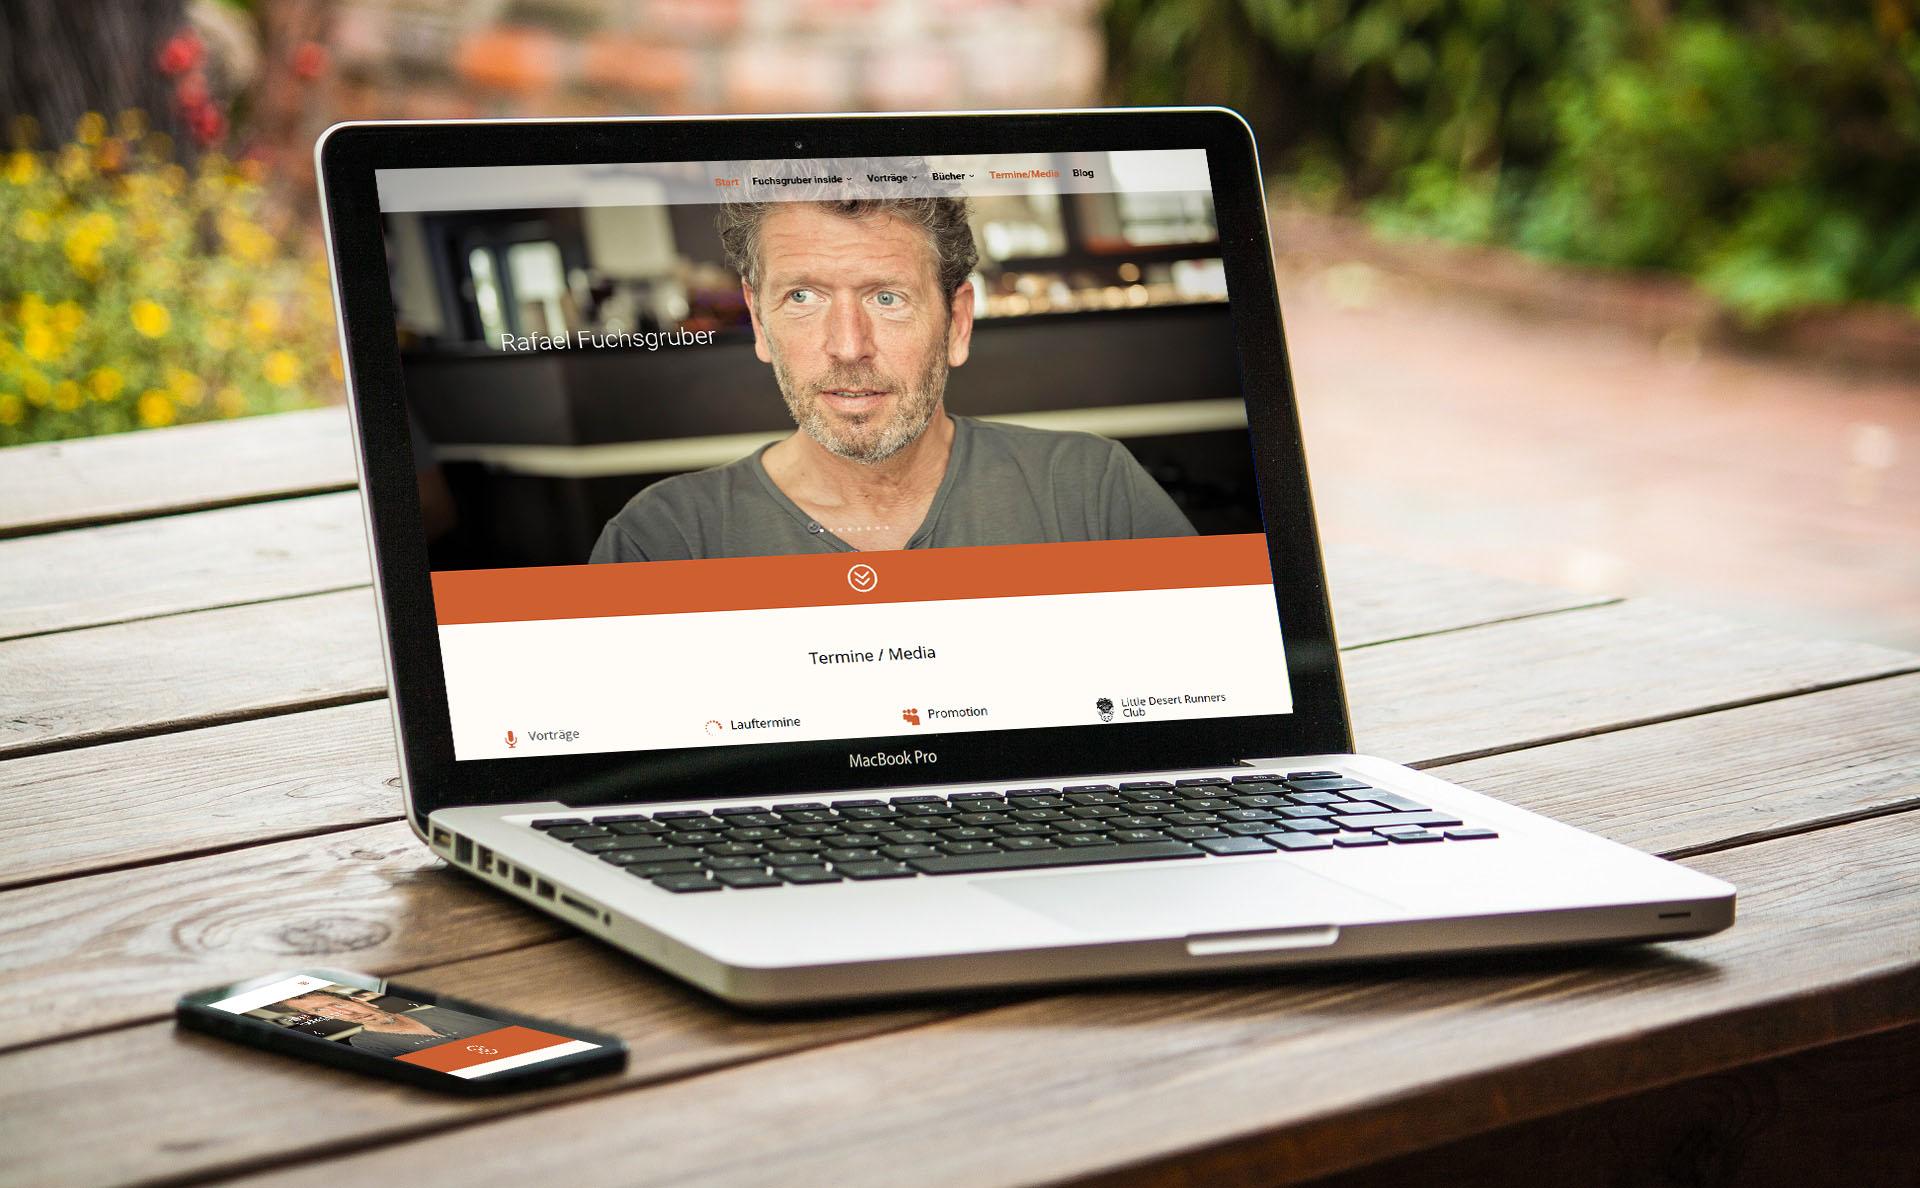 Webdesign mit WordPress - moderne Webseite für Personenmarke Rafael Fuchsgruber